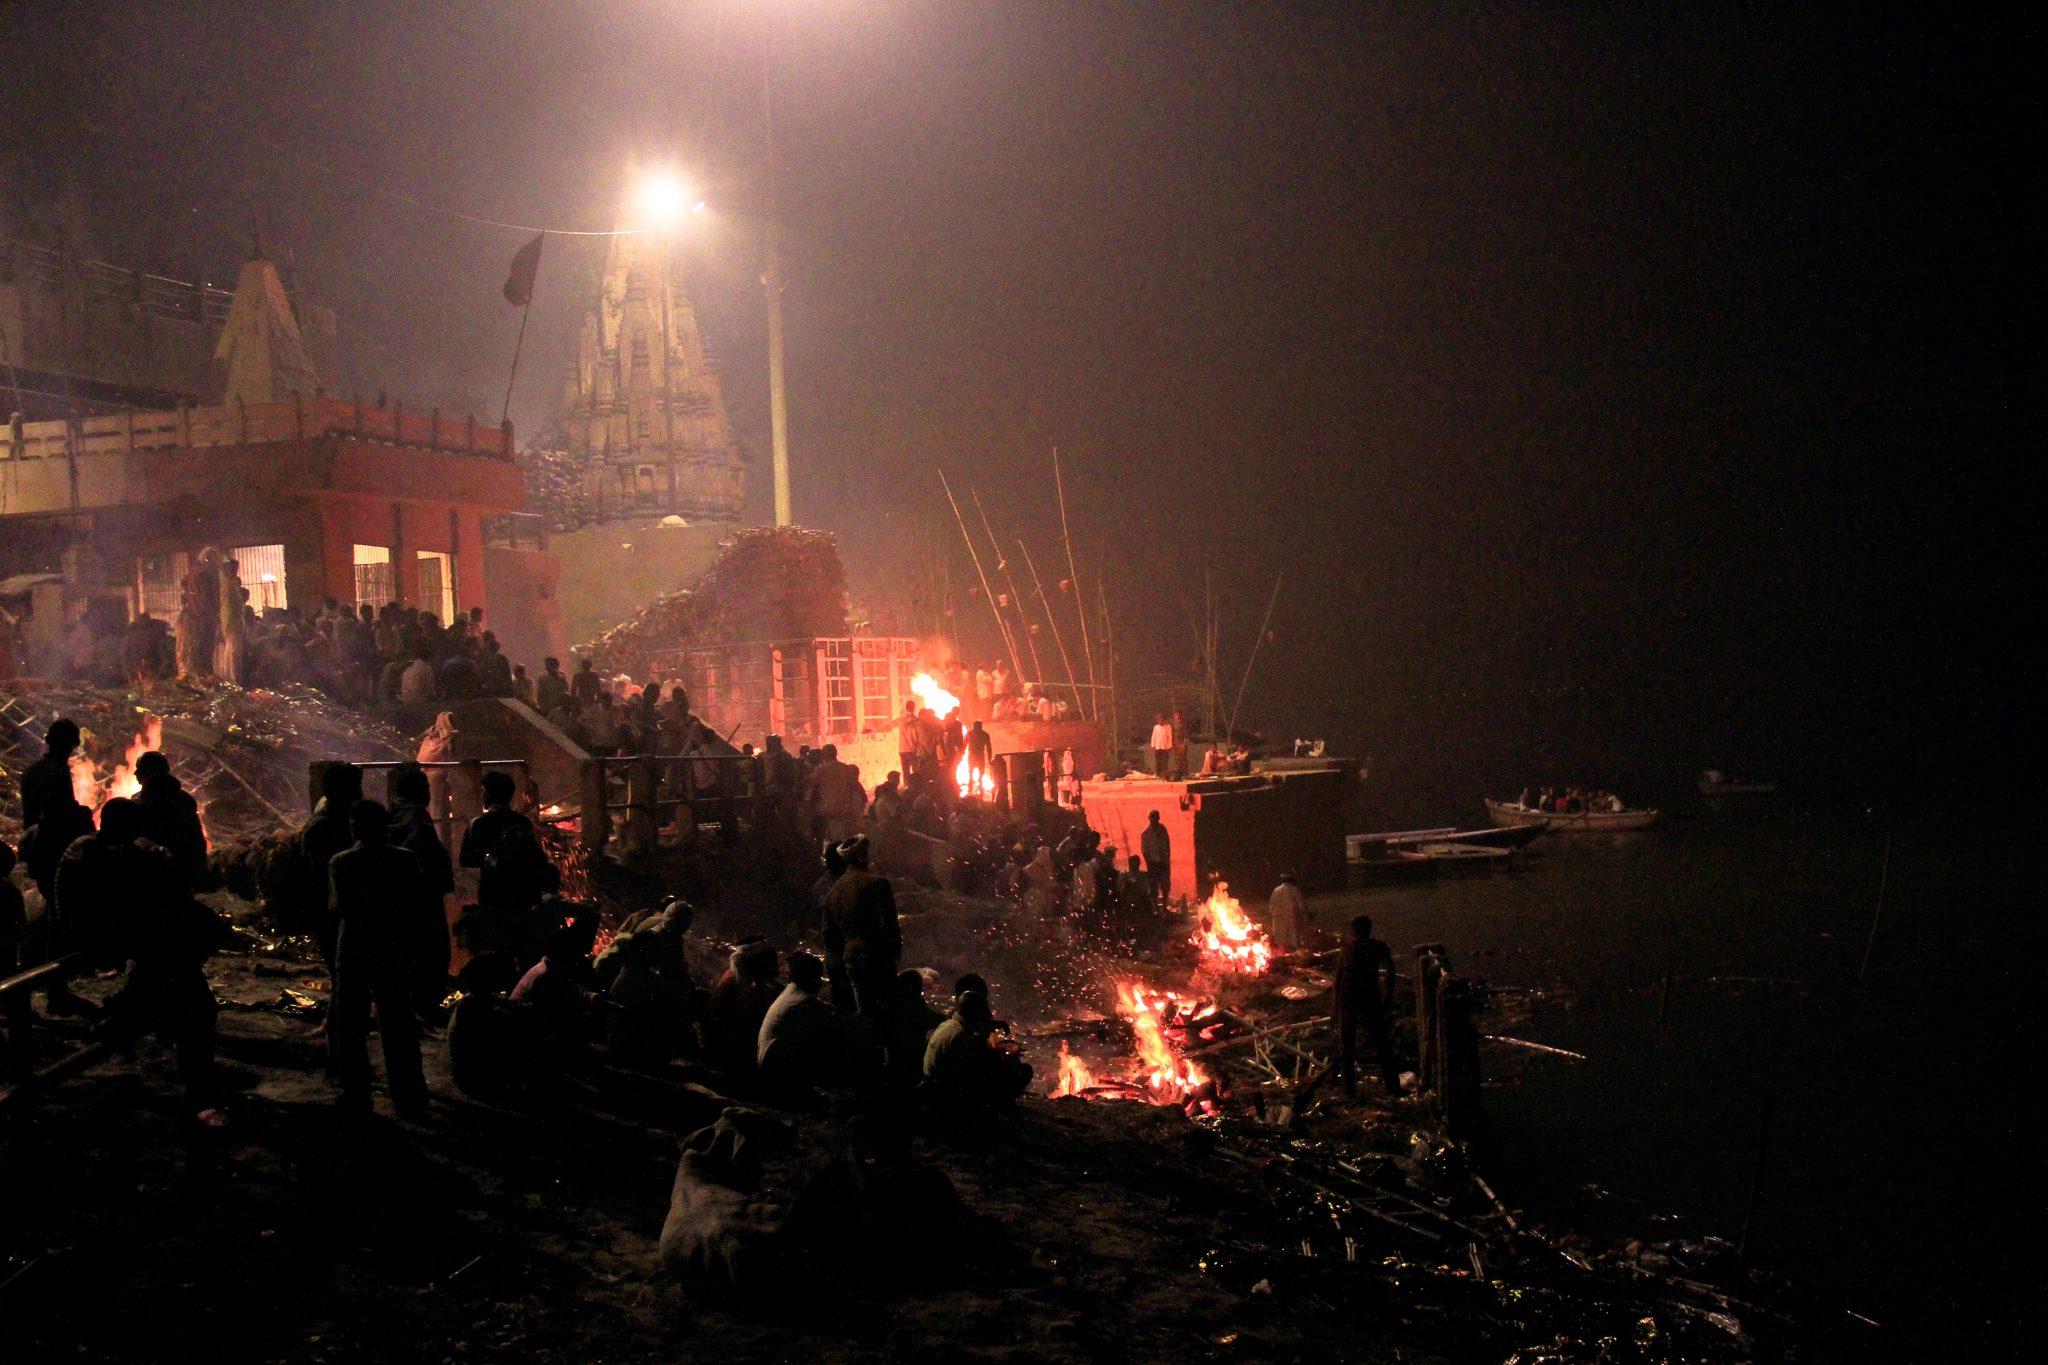 Manikarnika Ghat, Varanasi, night